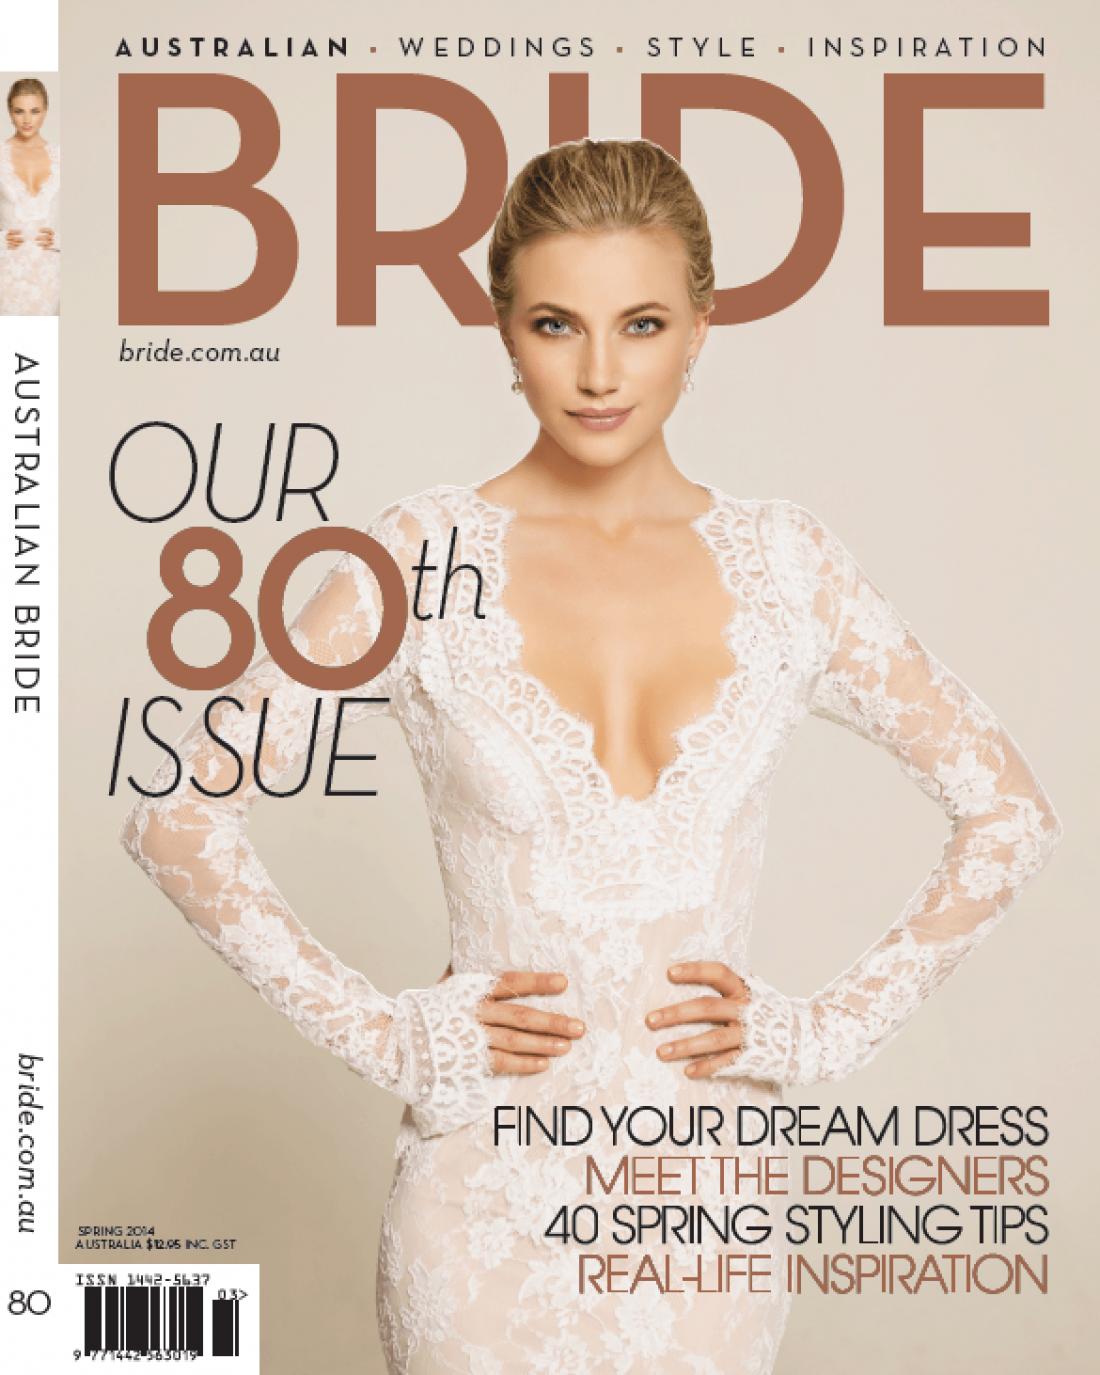 Bride Magazine 80th Issue Cover